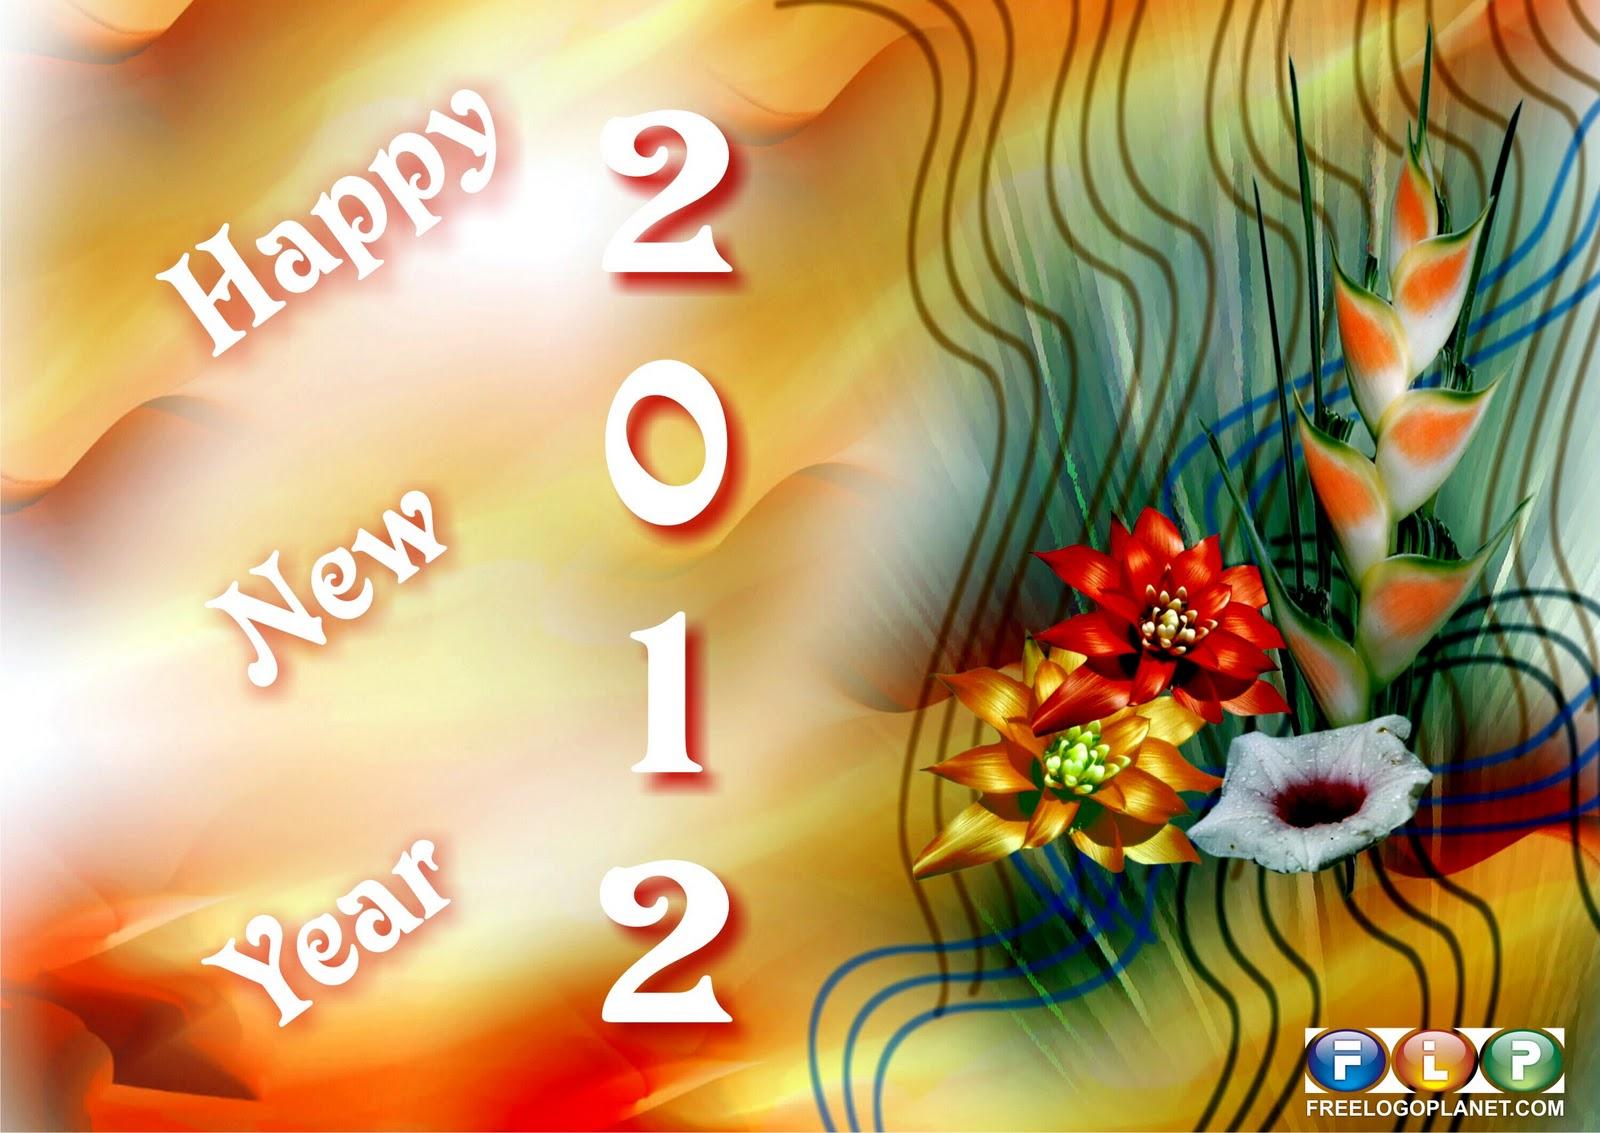 http://4.bp.blogspot.com/-KNlm-u_2MZc/Tto-XqL23zI/AAAAAAAAEdA/8u0u4Y0e7y8/s1600/Happy-New-Year-2012-IIIrd.jpg